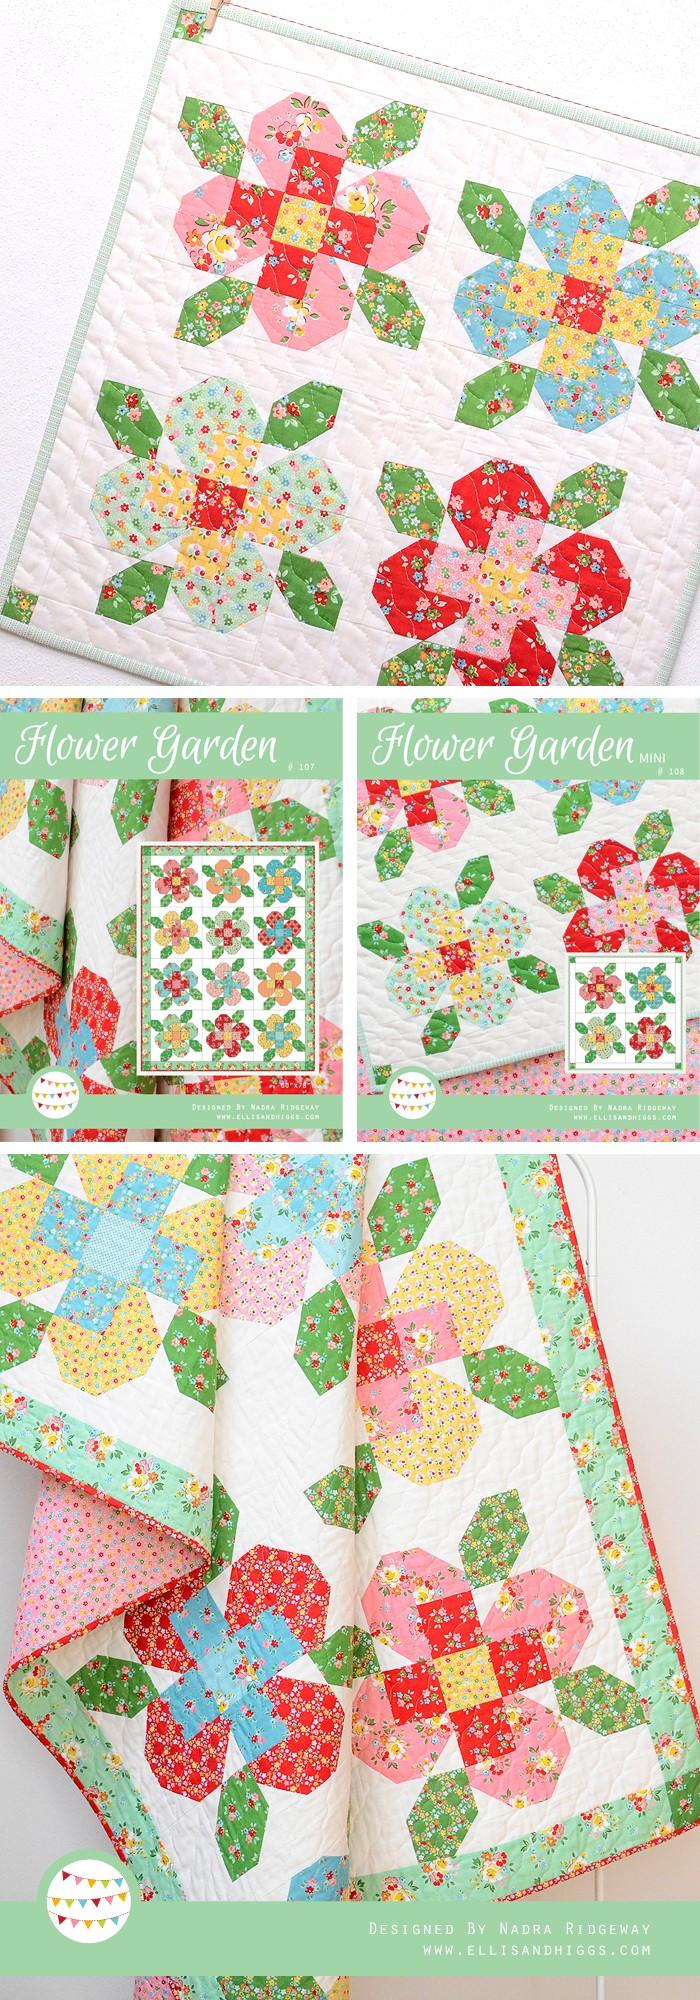 Flower Garden Quilts by Nadra Ridgeway